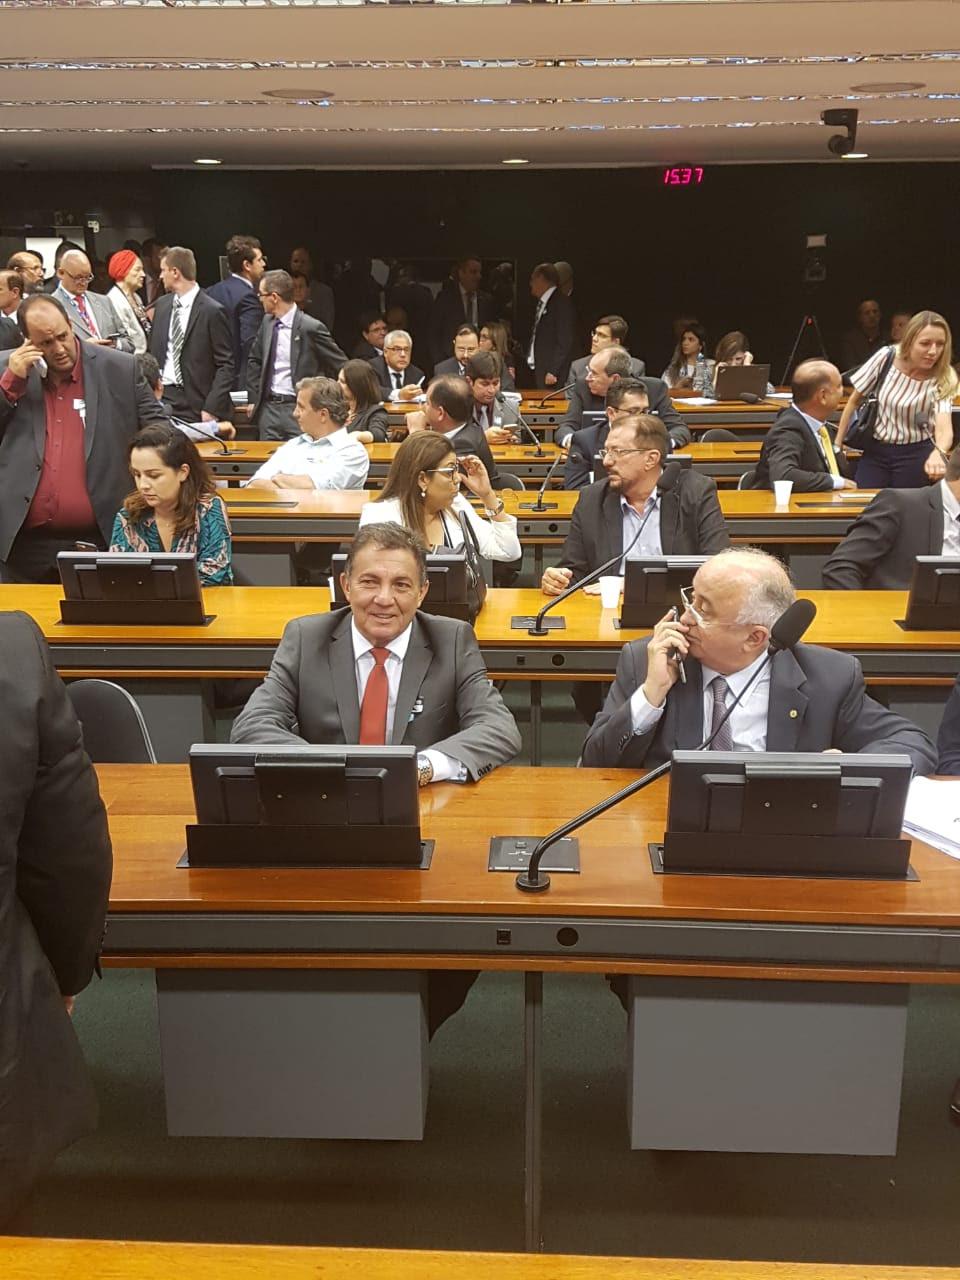 Cleomar Tema agradece parlamentares pela aprovação do 1% no FPM na Câmara Federal